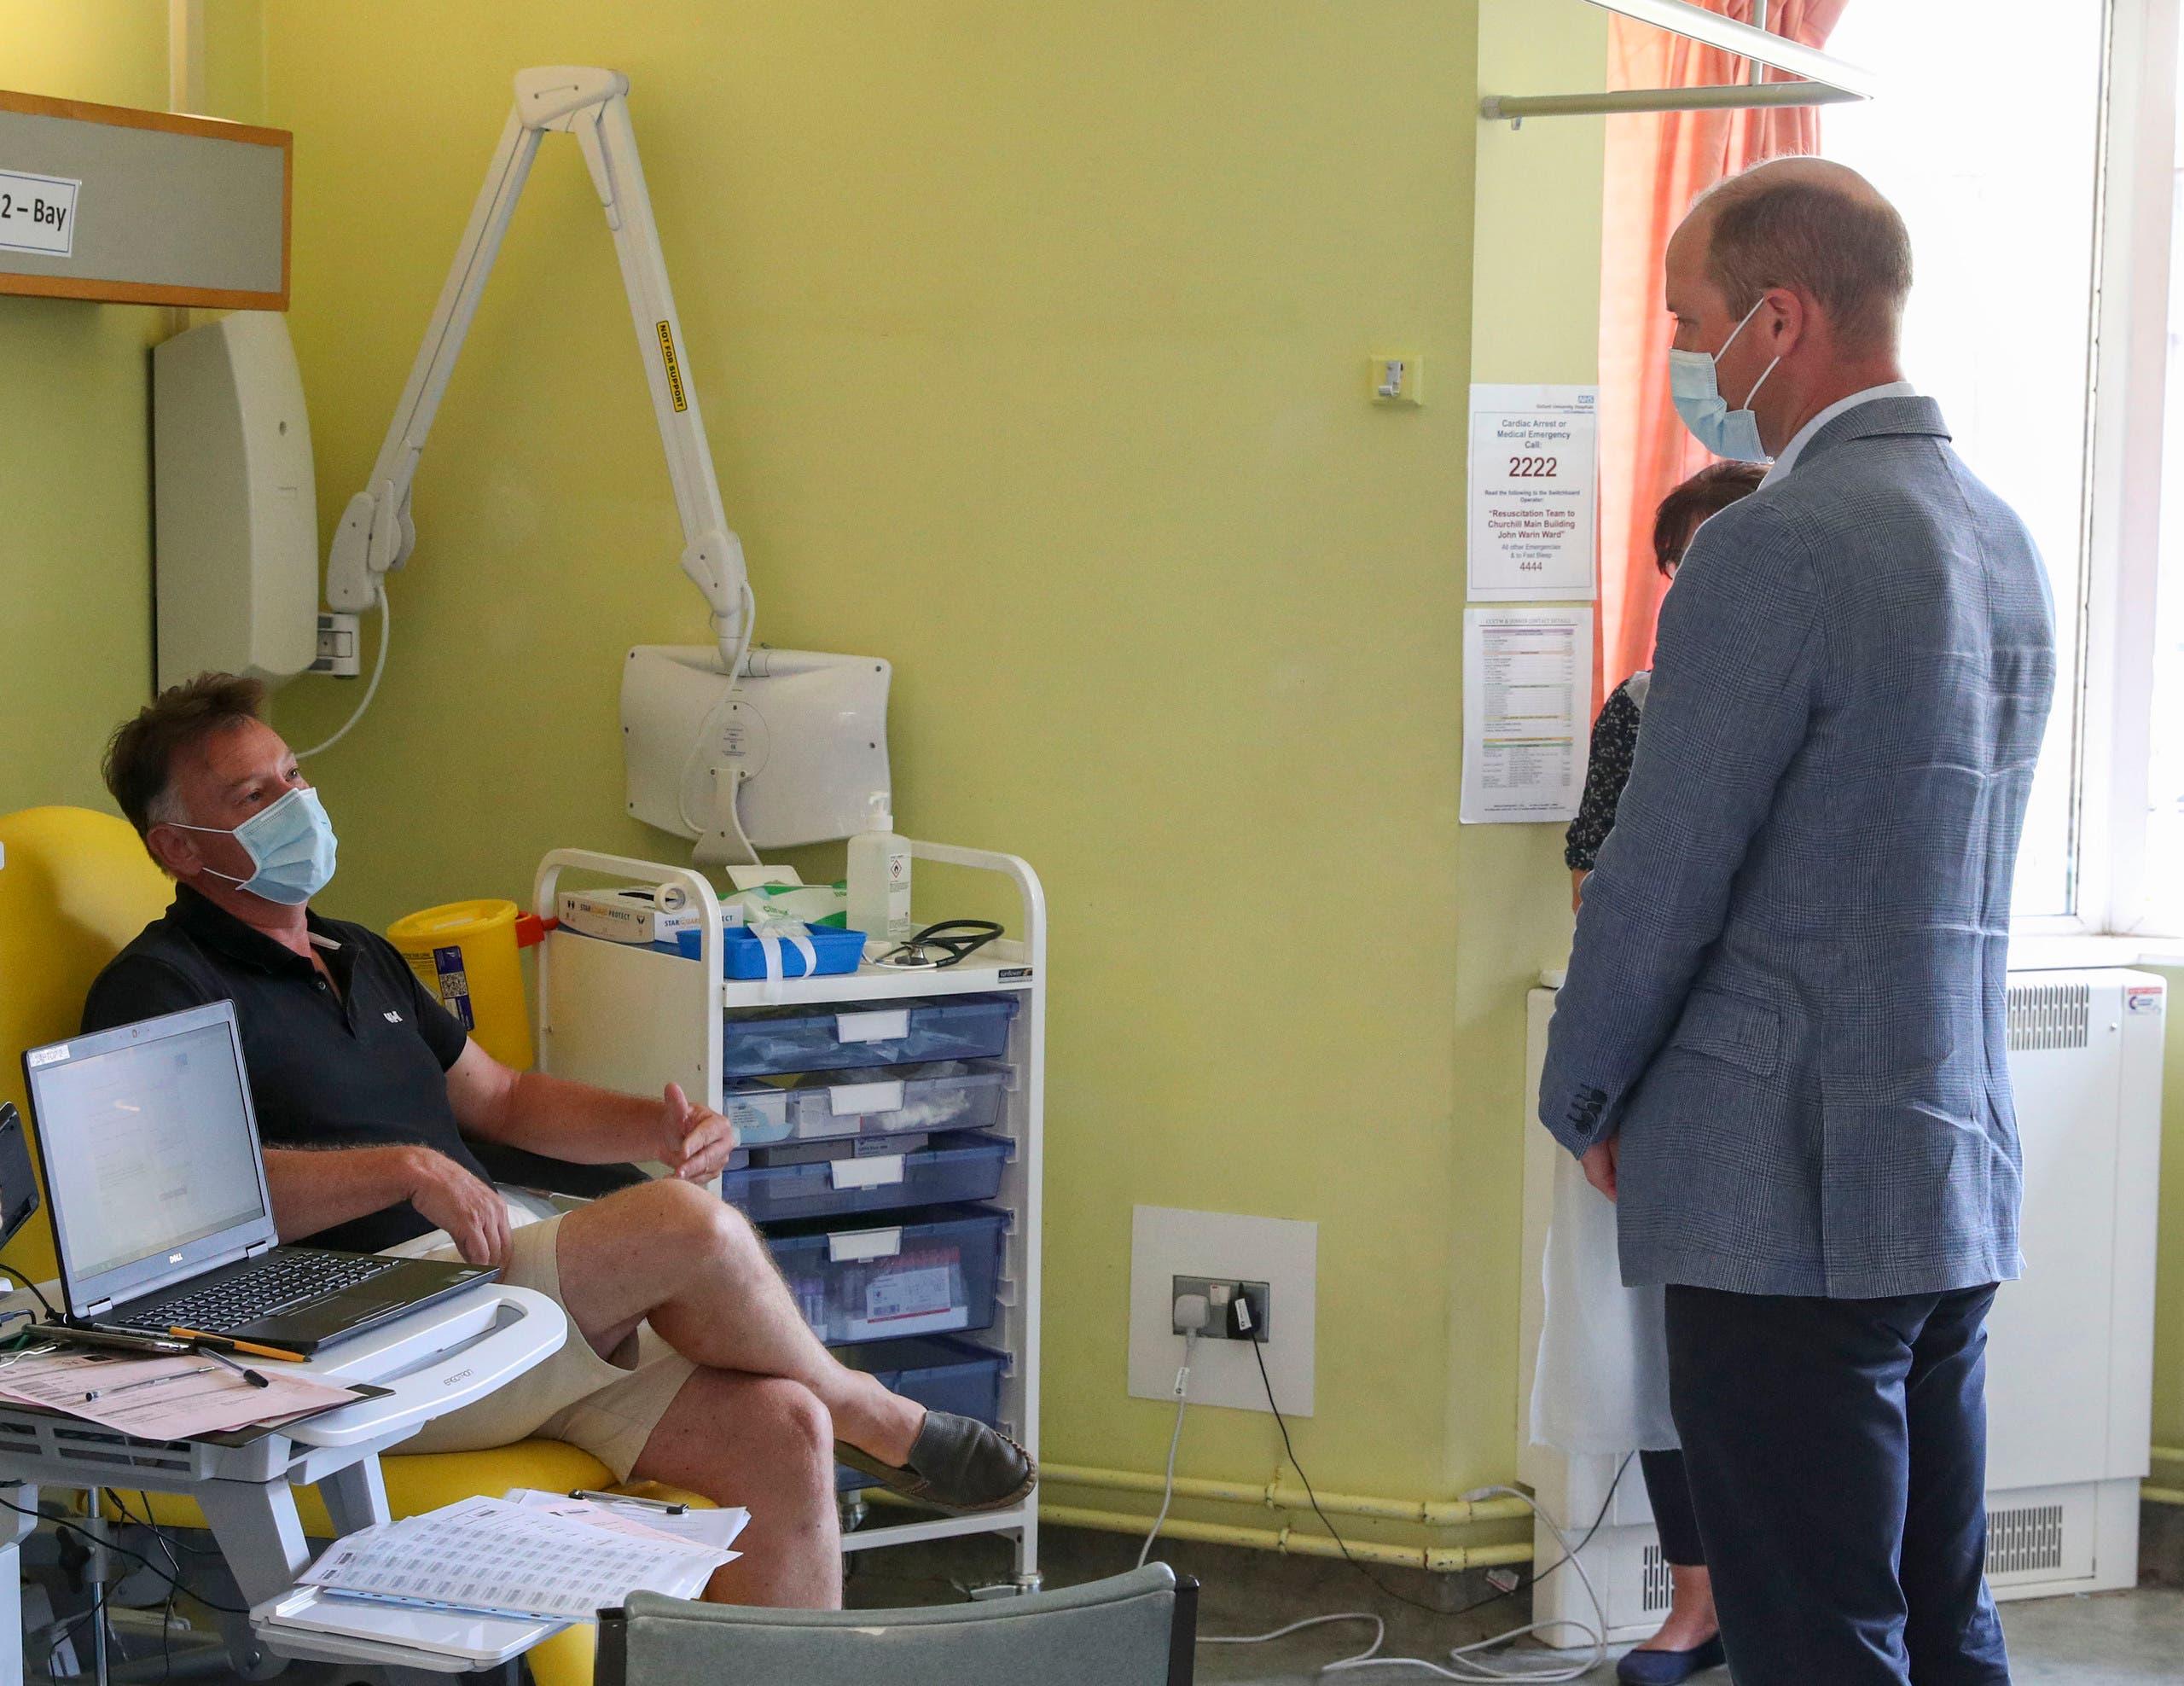 الأمير وليام يتحدث مع أحد المتطوعين لتجربة أحد لقاحات كورونا التي يتم تطويرها في بريطانيا